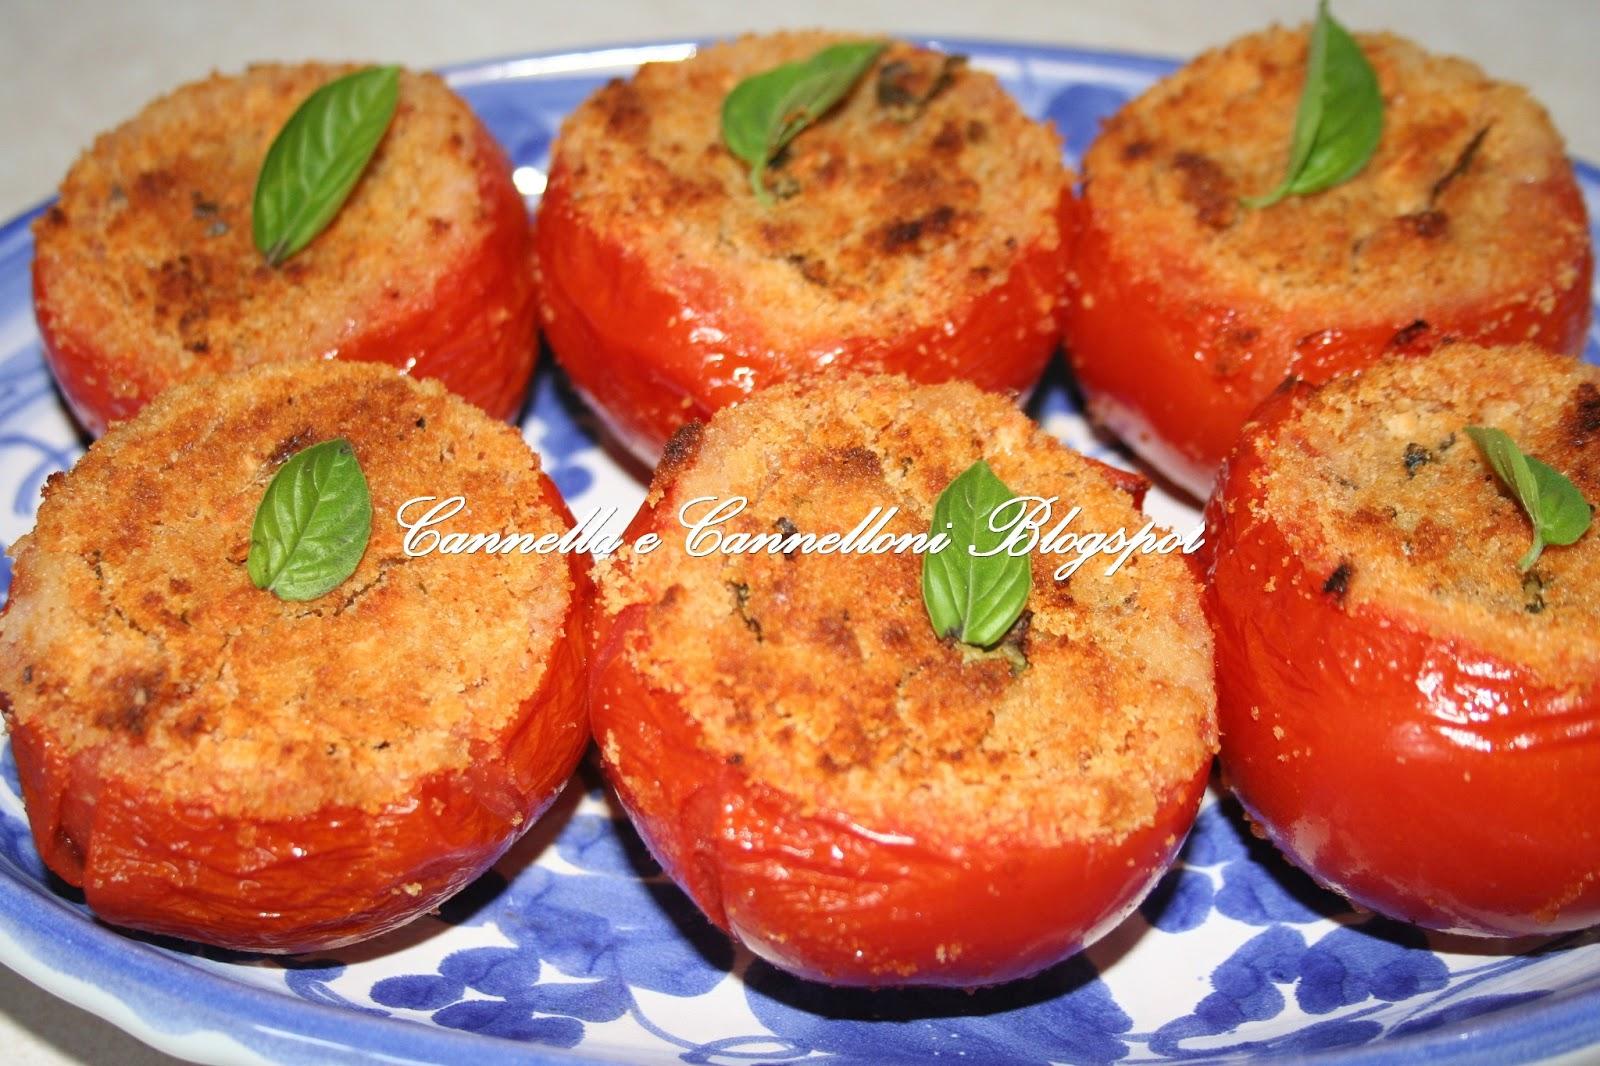 Cannella e Cannelloni: Pomodori ripieni gratinati al forno